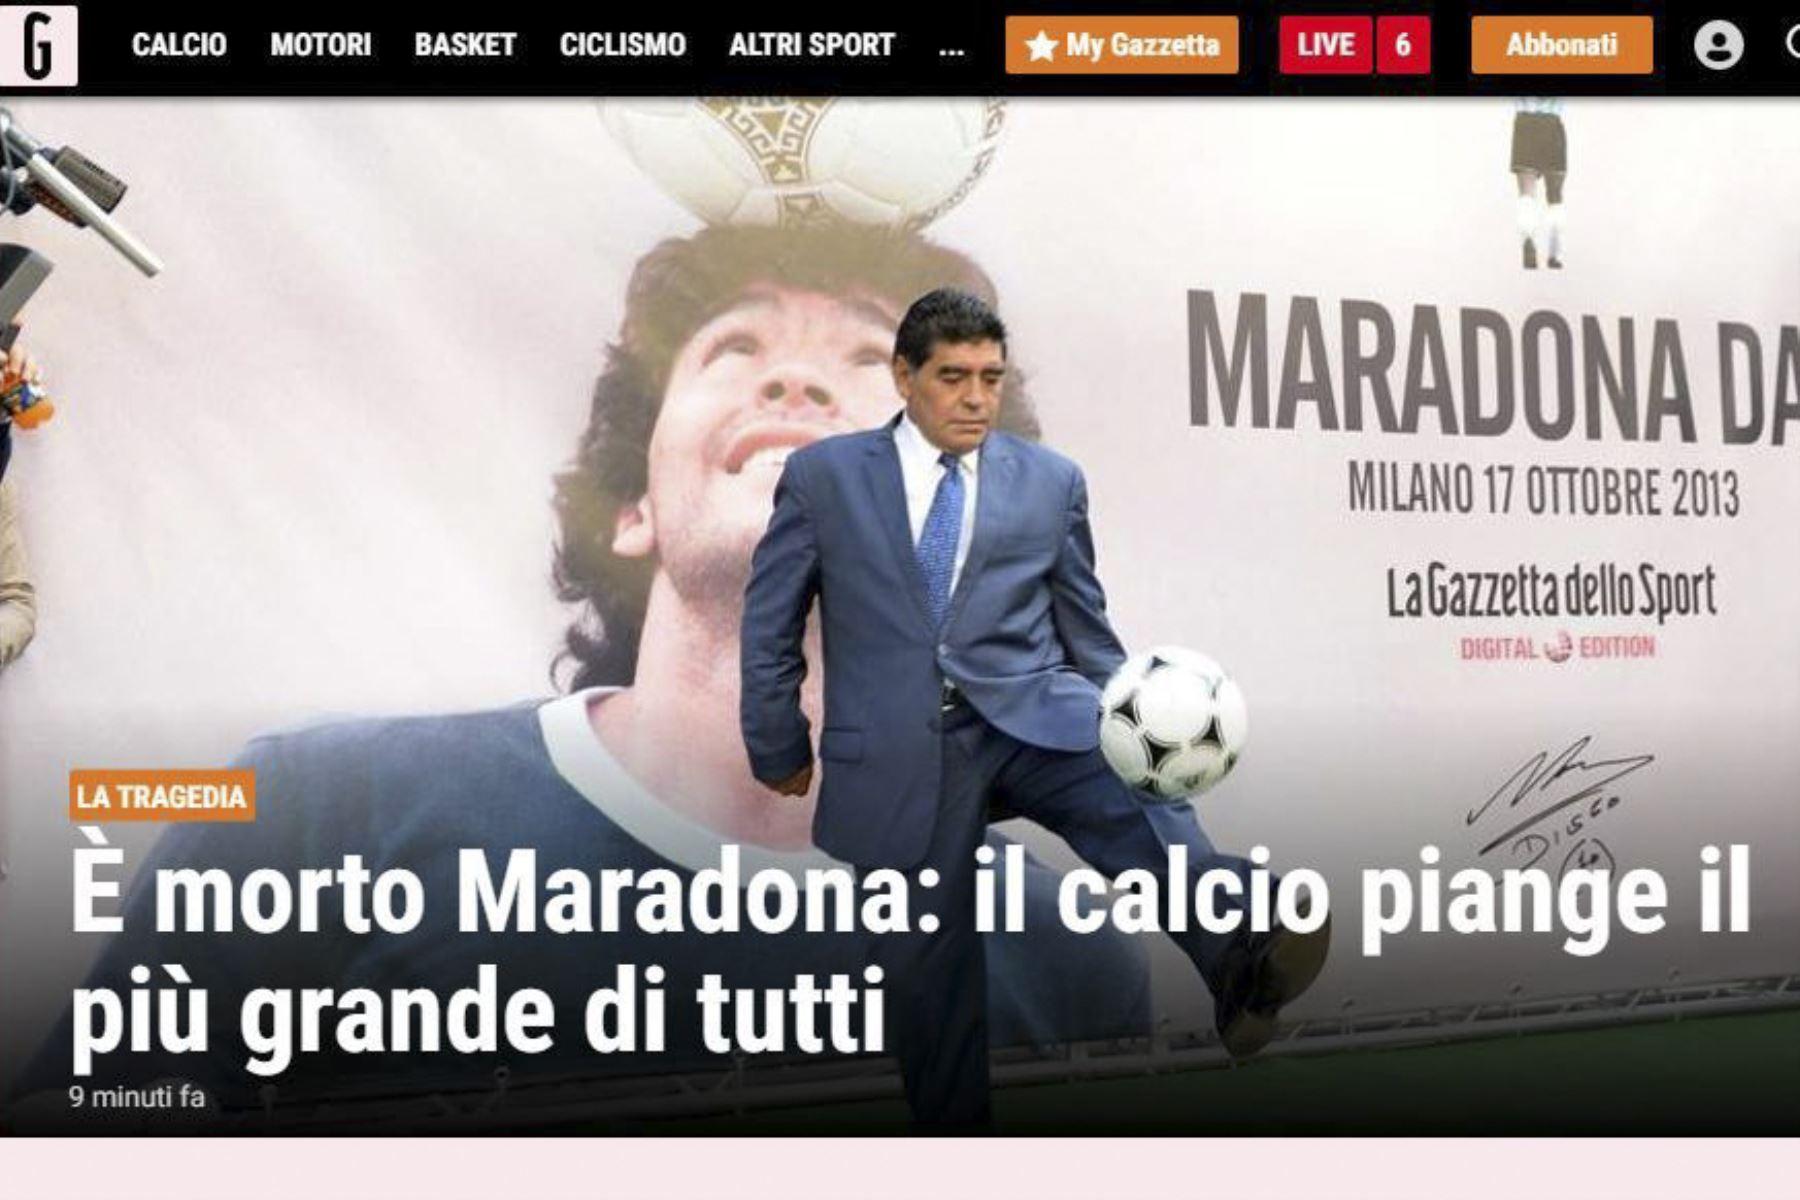 Así informa la prensa mundial la muerte de Diego Armando Maradona. Gazzeta de Italia